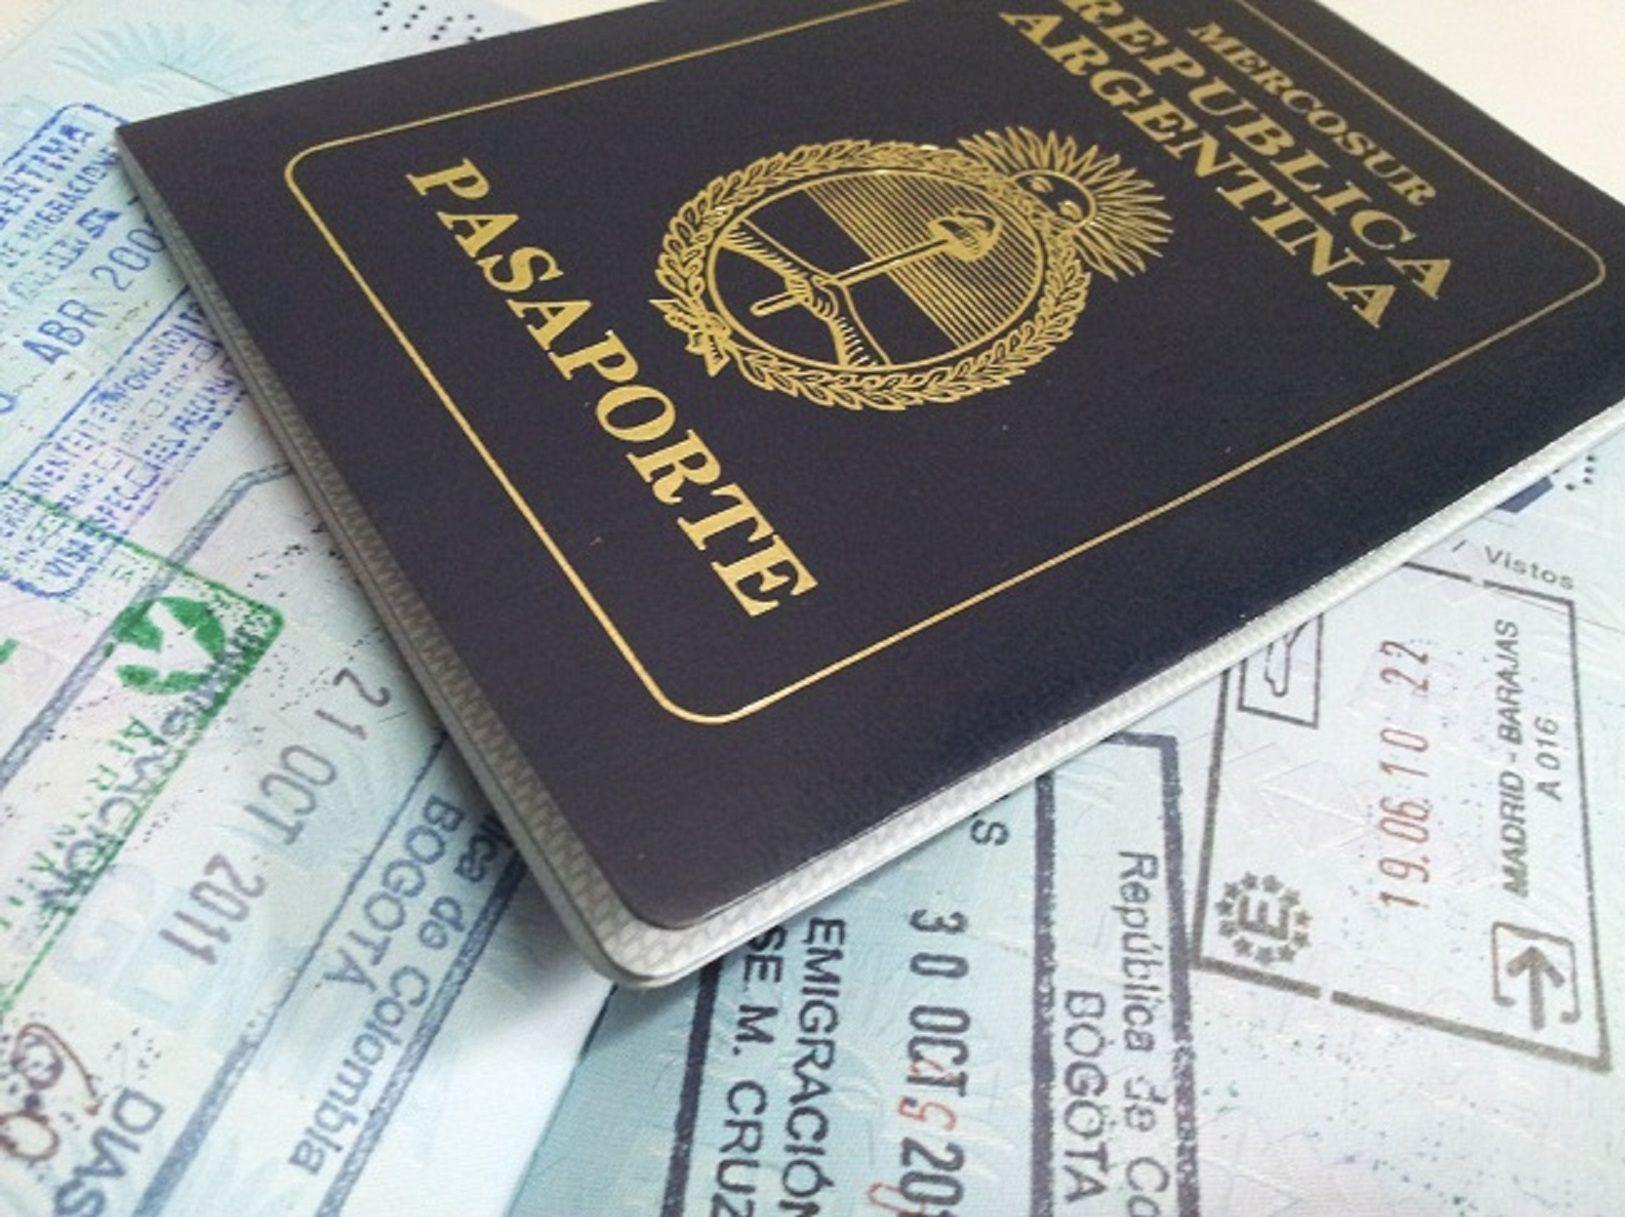 Una empleada judicial estafó a 200 inmigrantes chinos